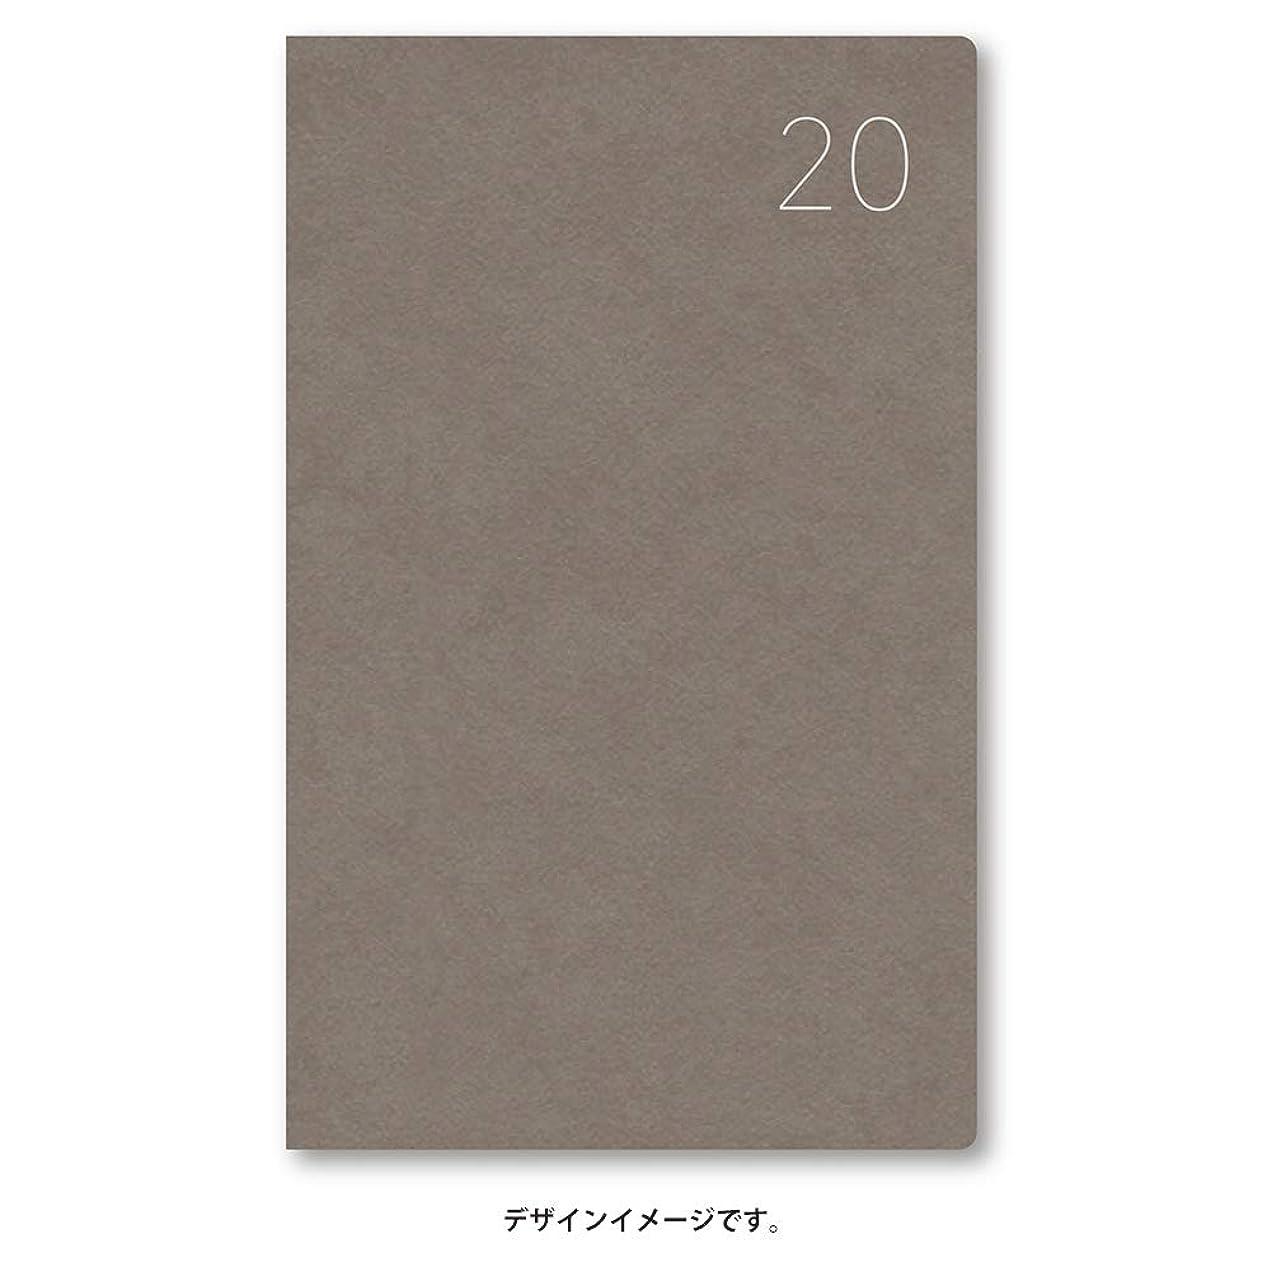 電化するハロウィン草能率 NOLTY U 手帳 2020年 ウィークリー ダブグレー 6521 AZ (2019年 12月始まり)